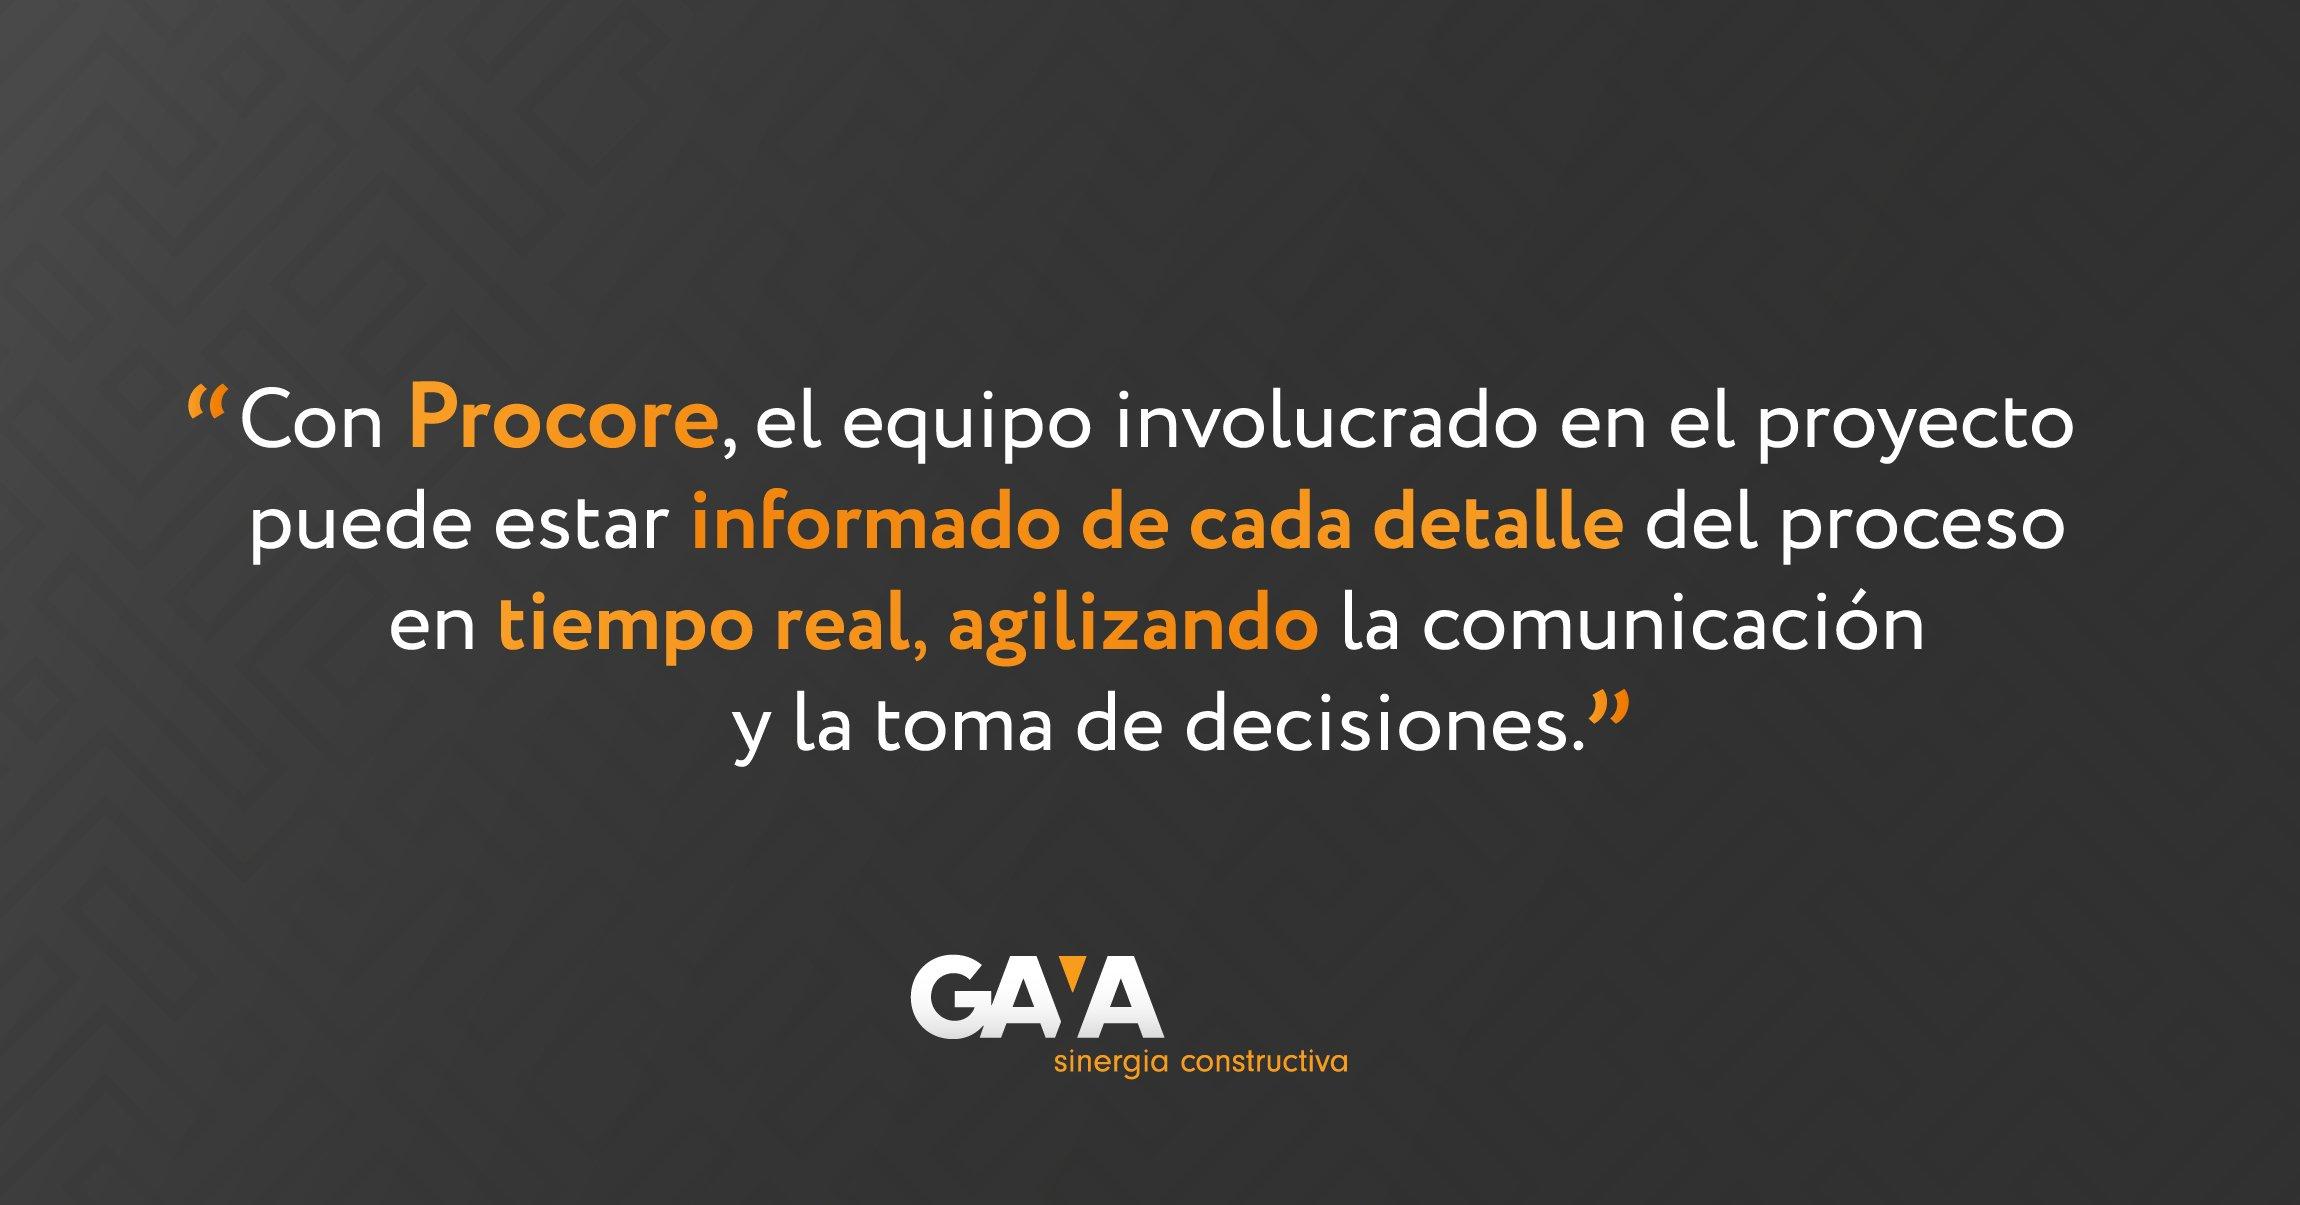 Con Procore, el equipo involucrado en el proyecto puede estar informado de cada detalle del proceso en tiempo real, agilizando la comunicación y la toma de decisiones.